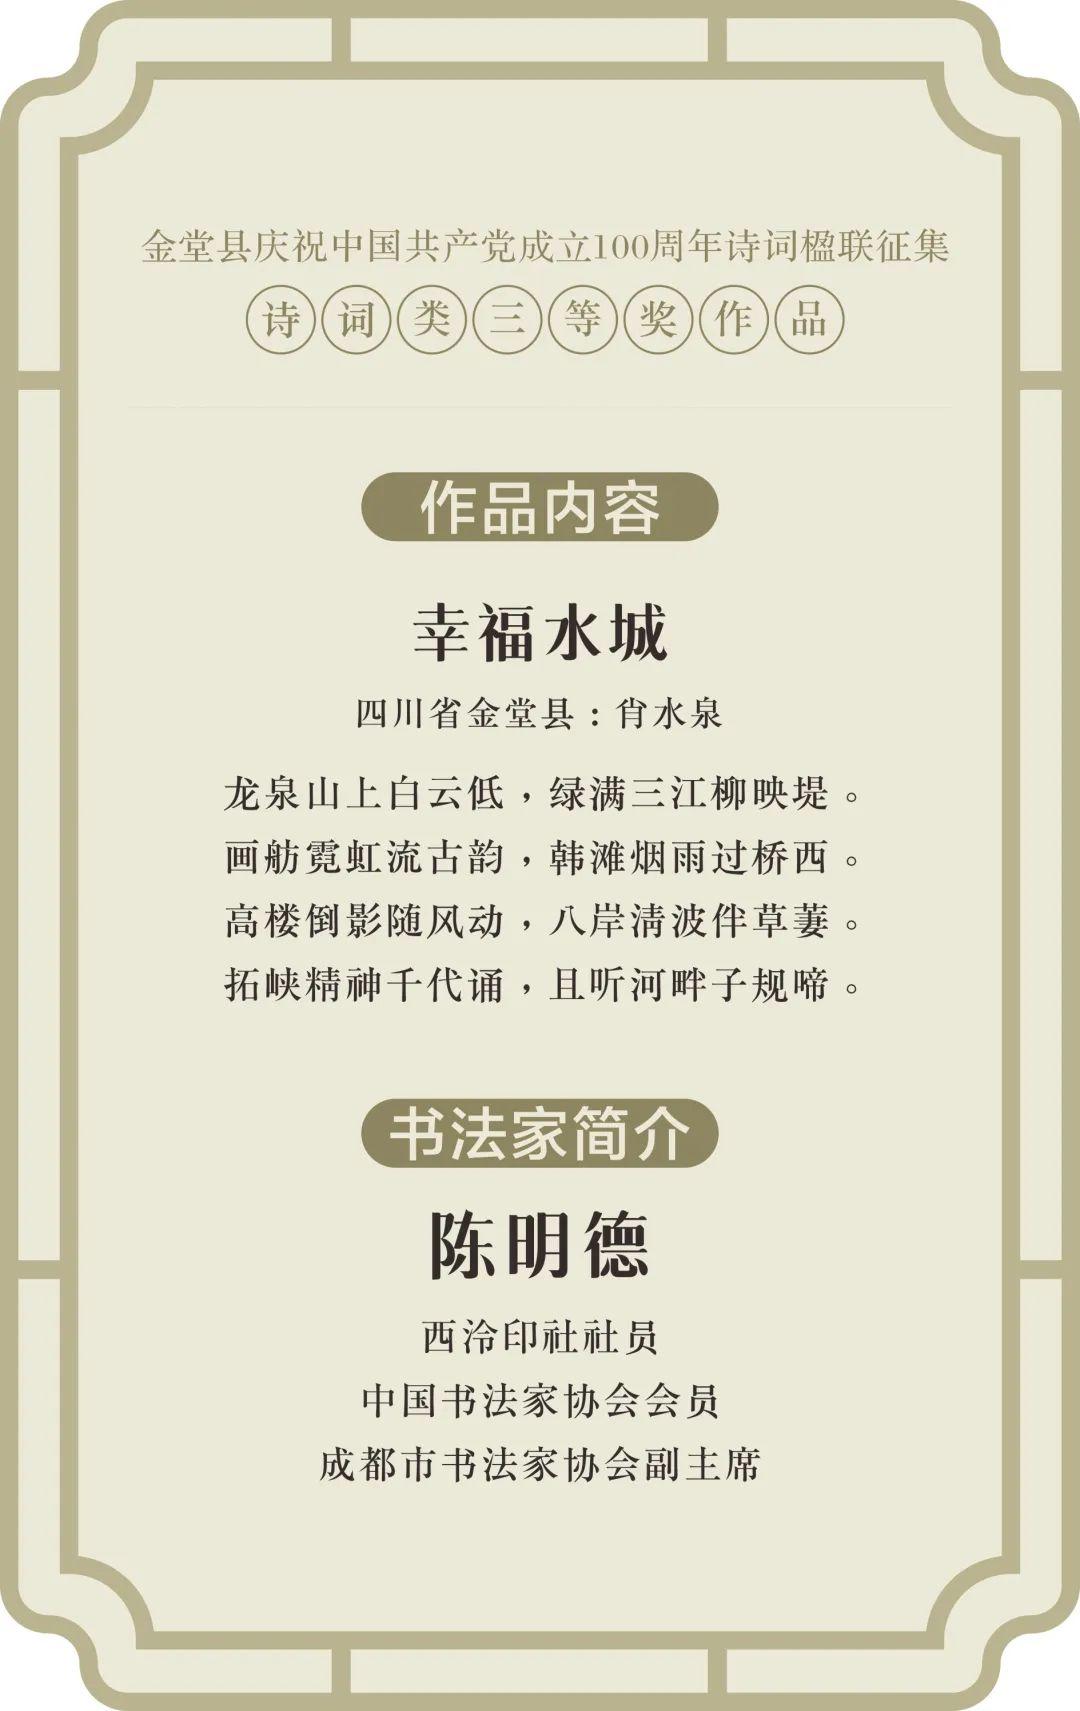 创建天府旅游名县 | 金堂县书画摄影巡展,让艺术在线!